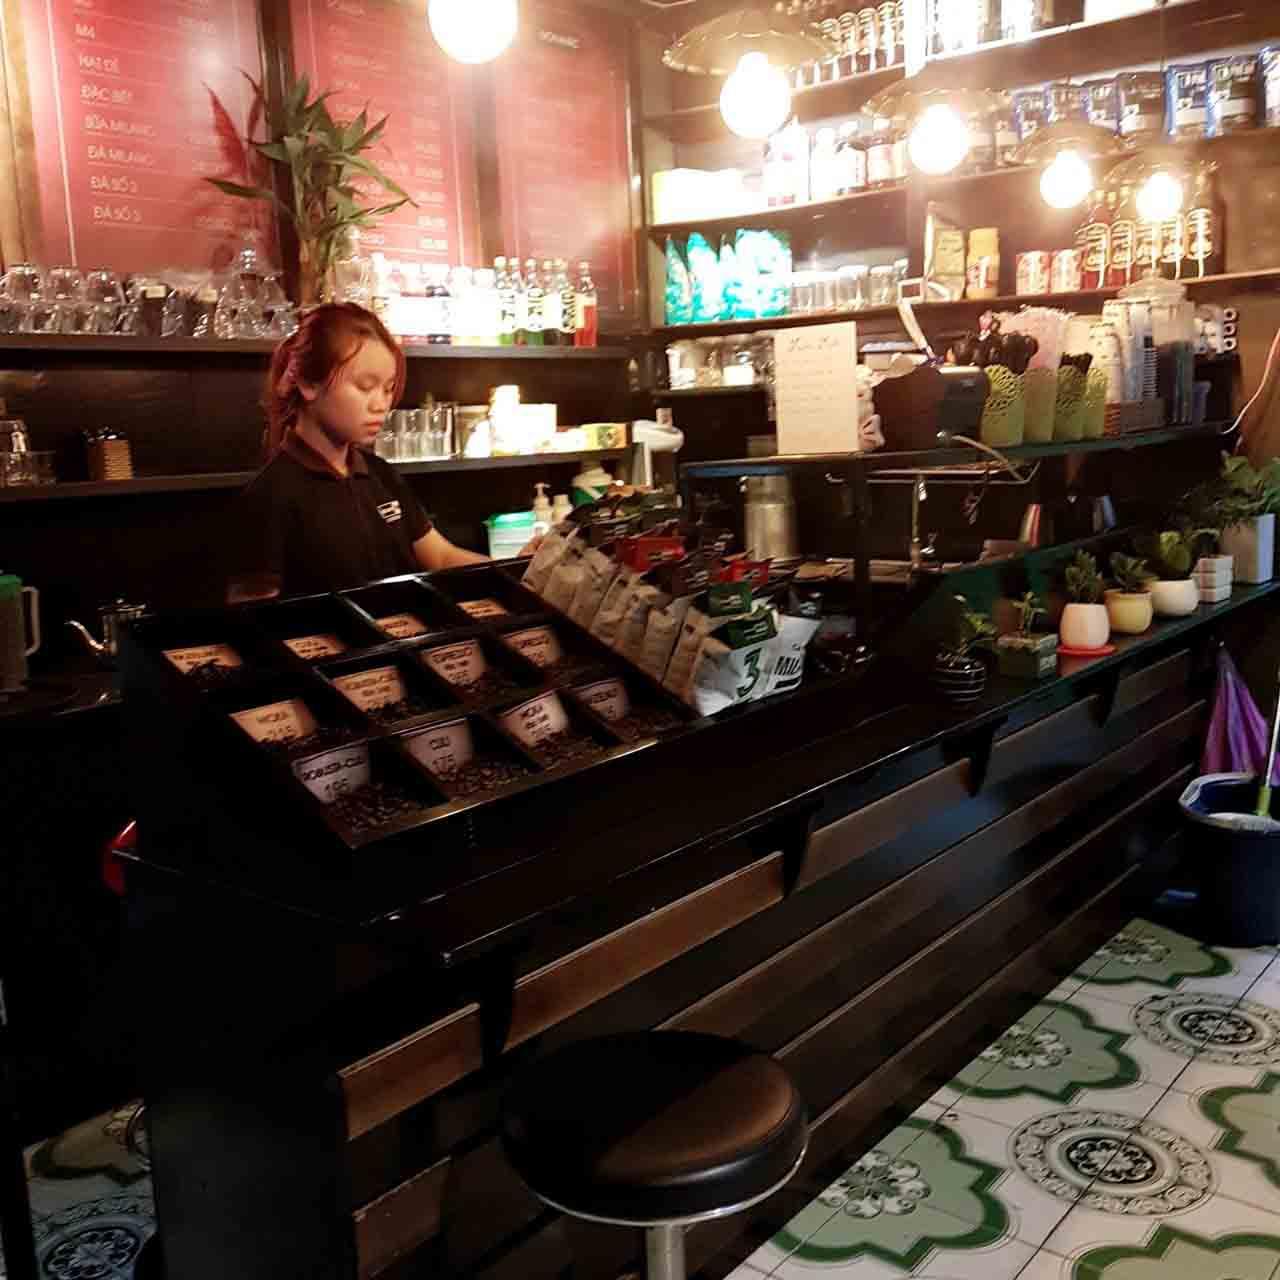 POSAPP - PHẦN MỀM QUẢN LÝ QUÁN CAFE MILANO COFFEE